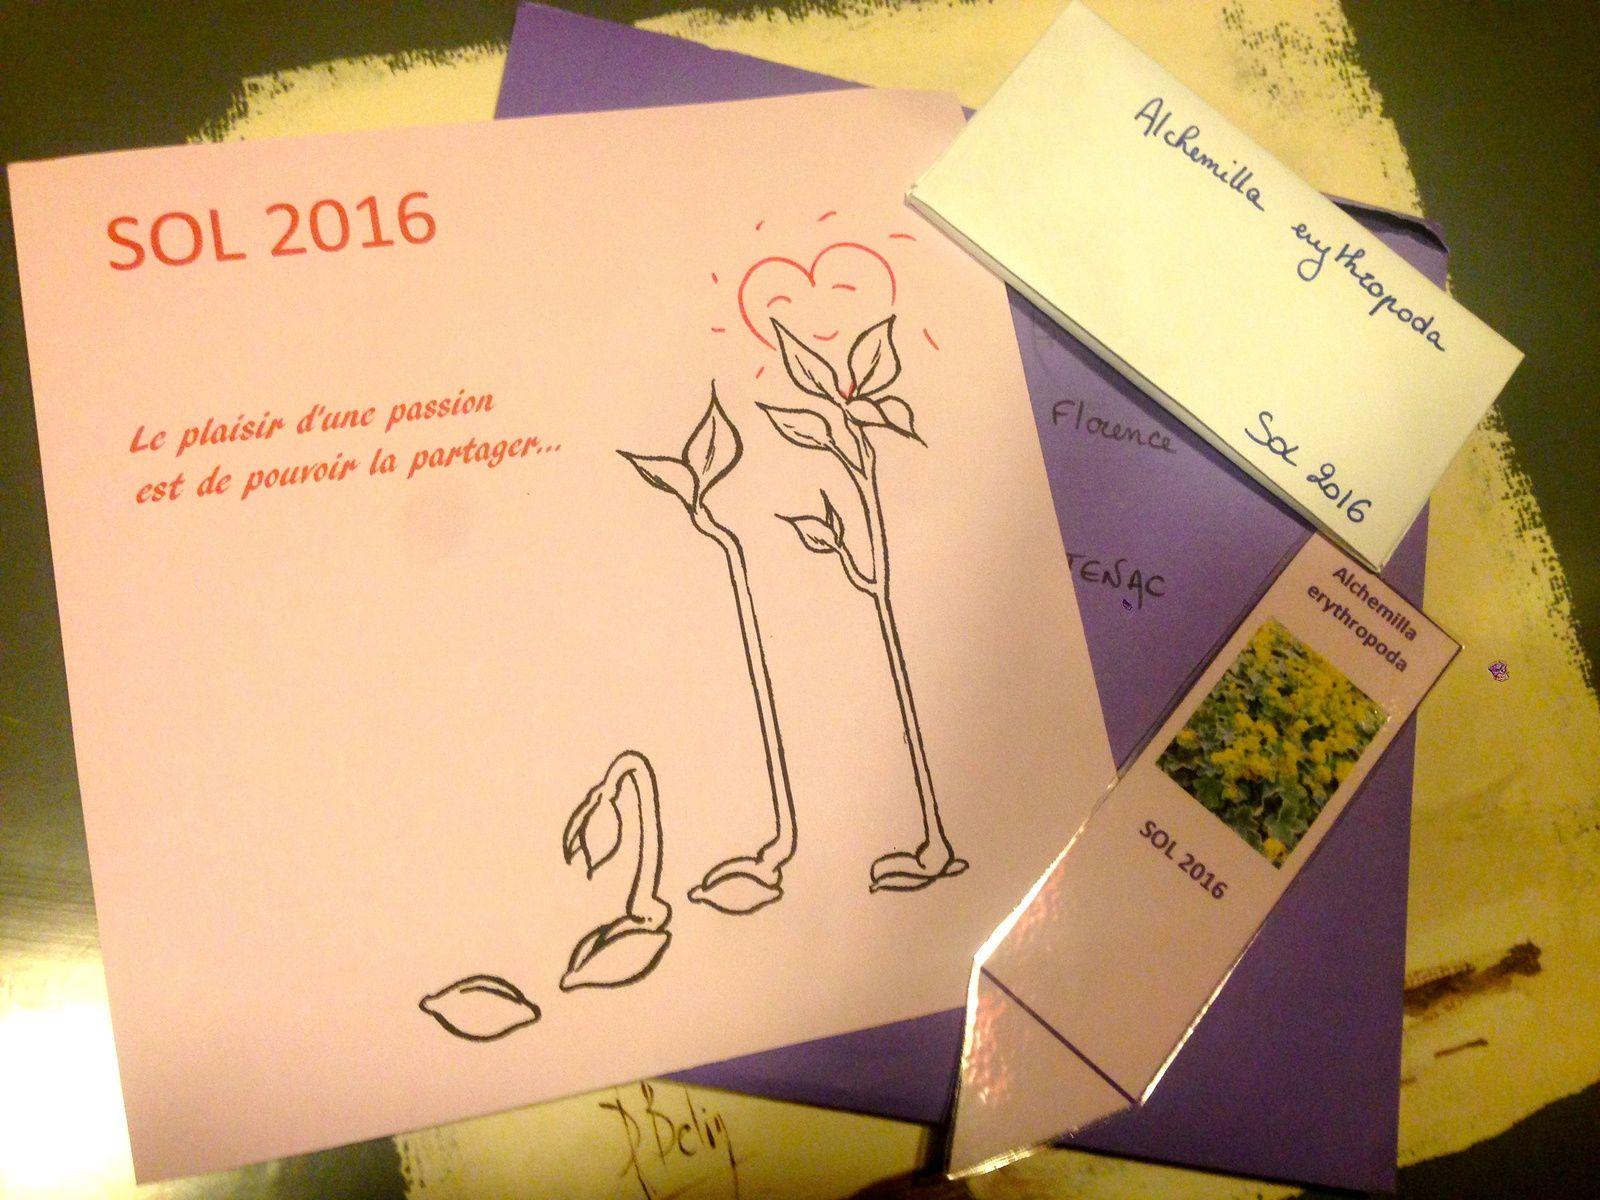 Merci aux seedlovers - Audrey de Normandie